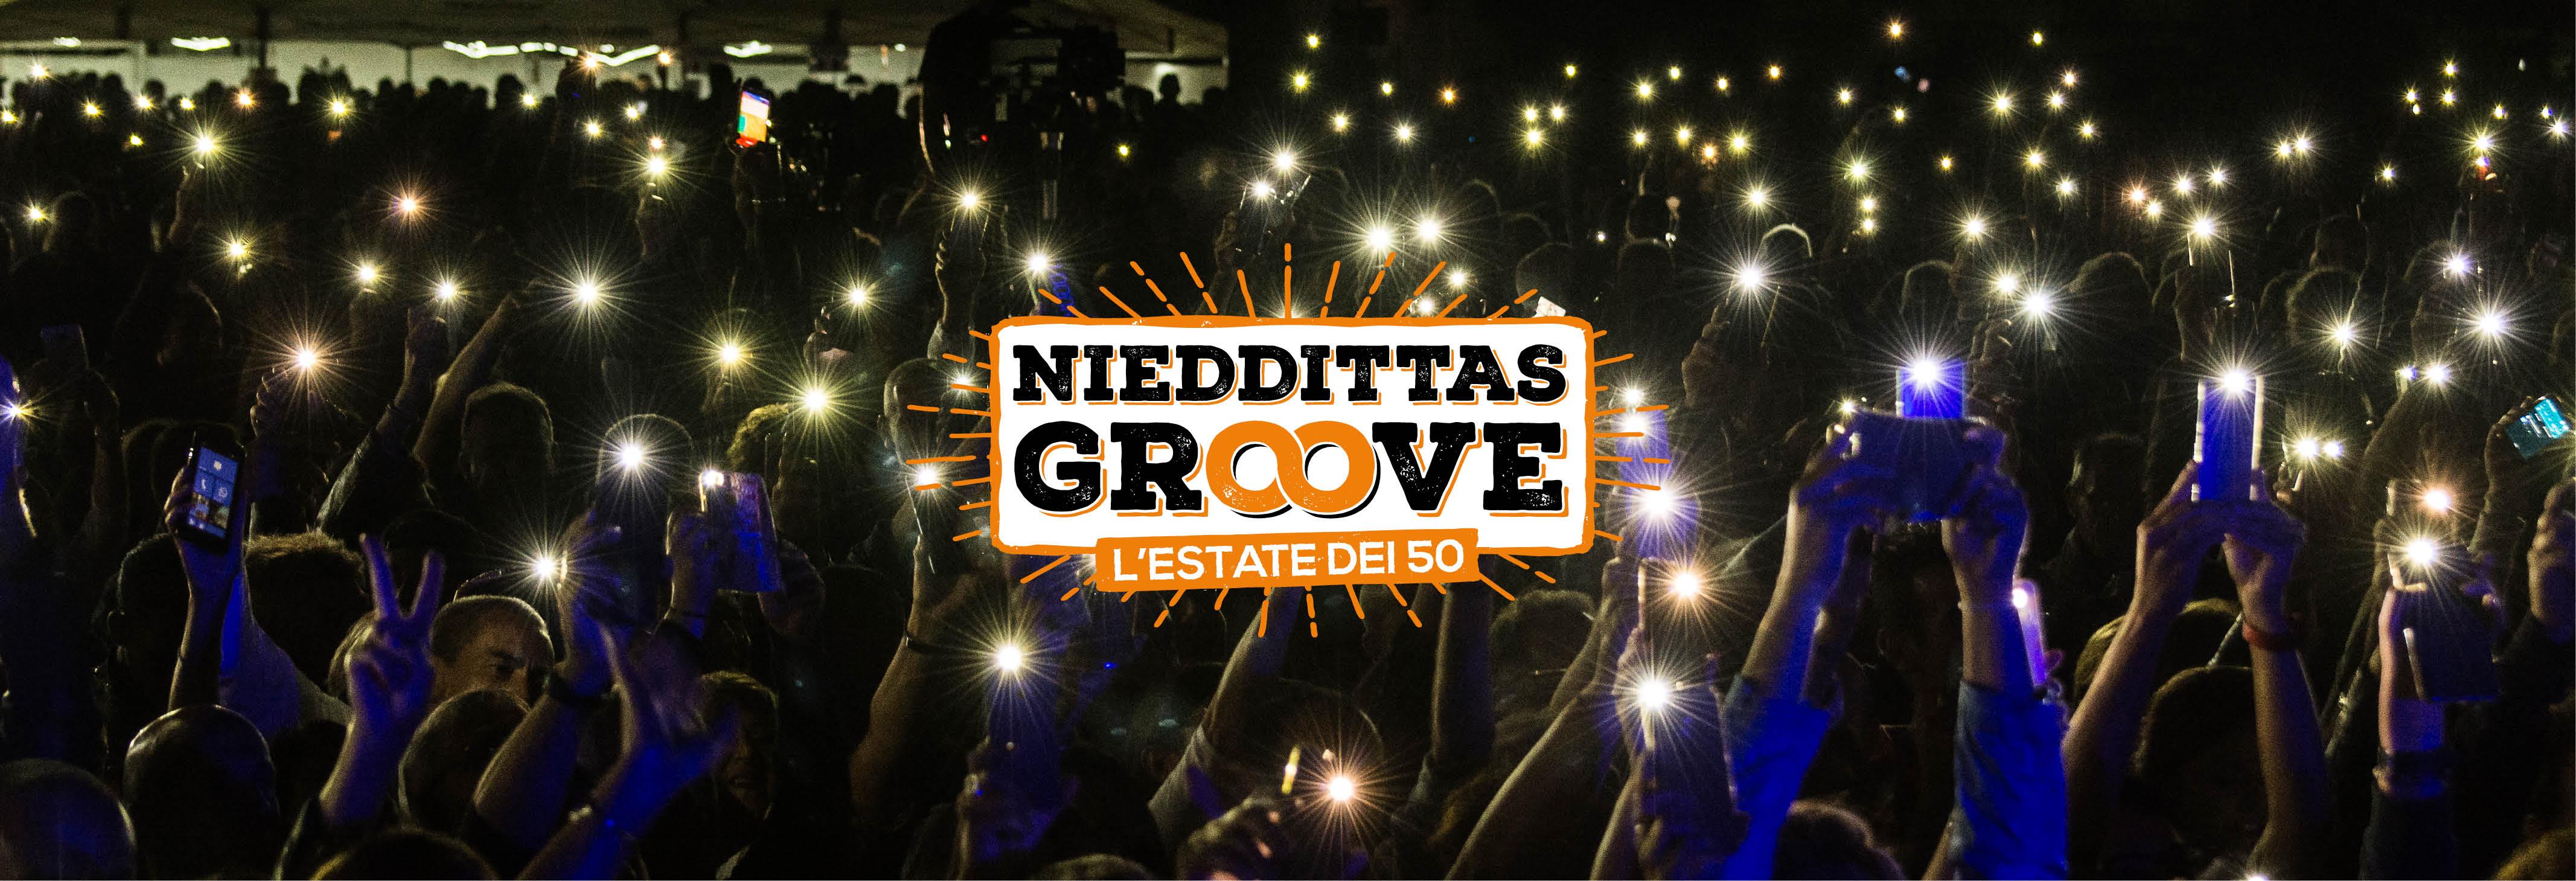 Nieddittas Groove serata finale